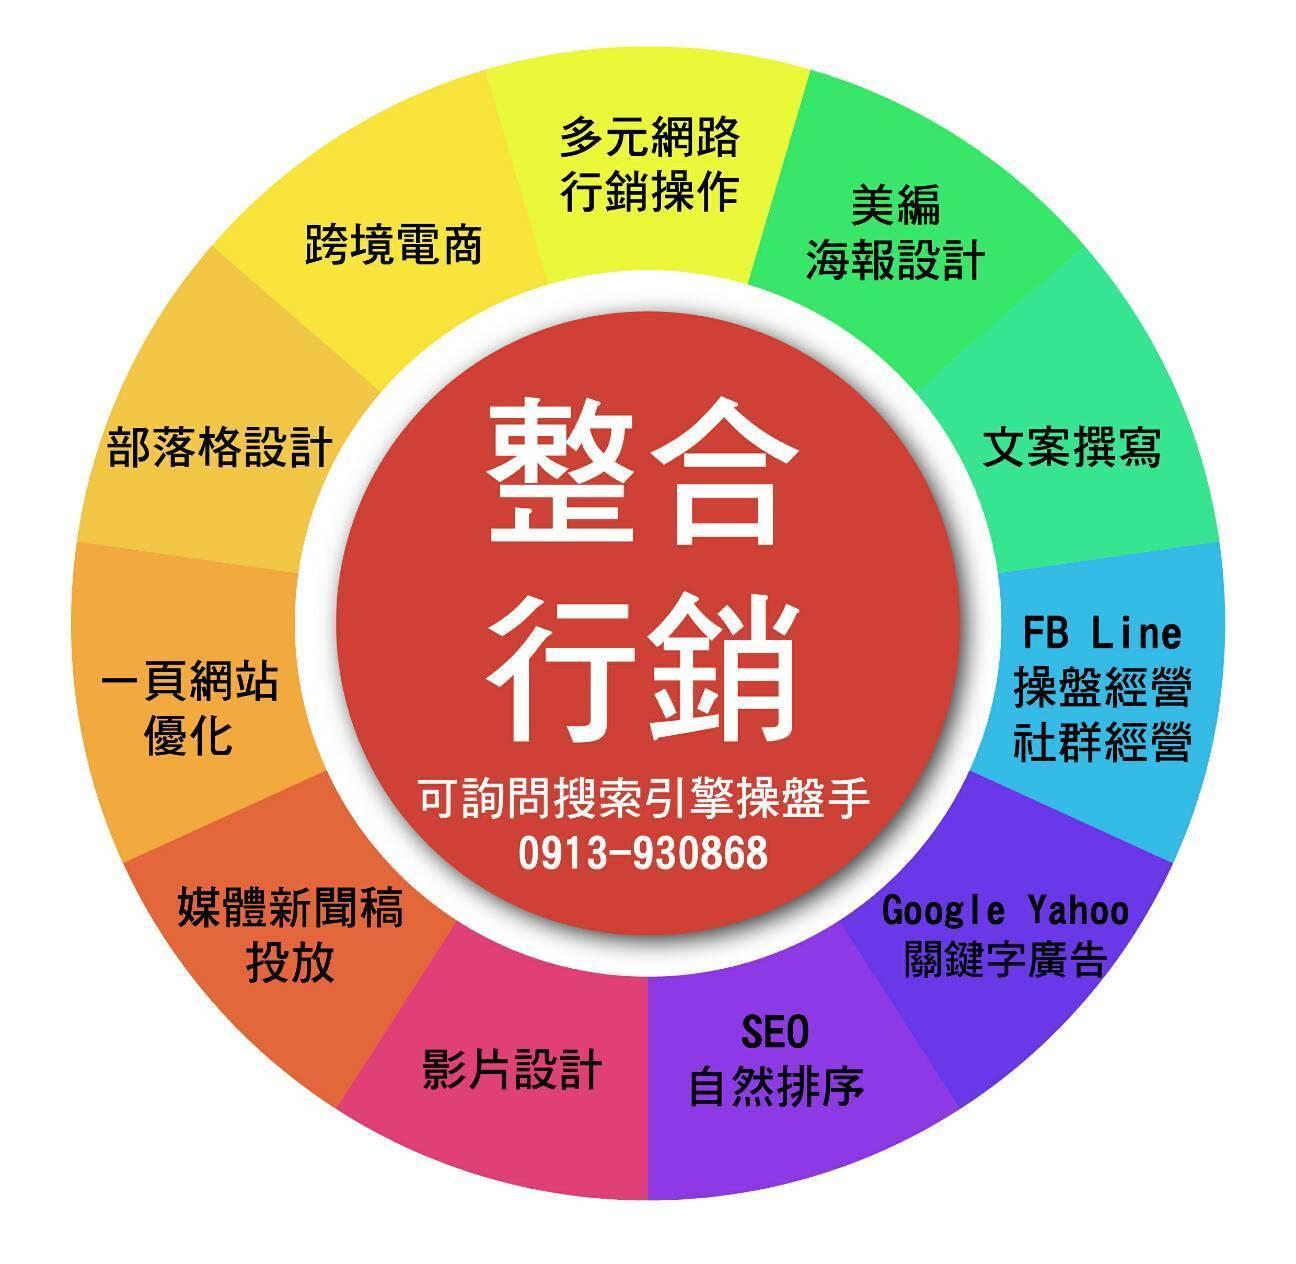 大台南中小企業聯盟網服務平台